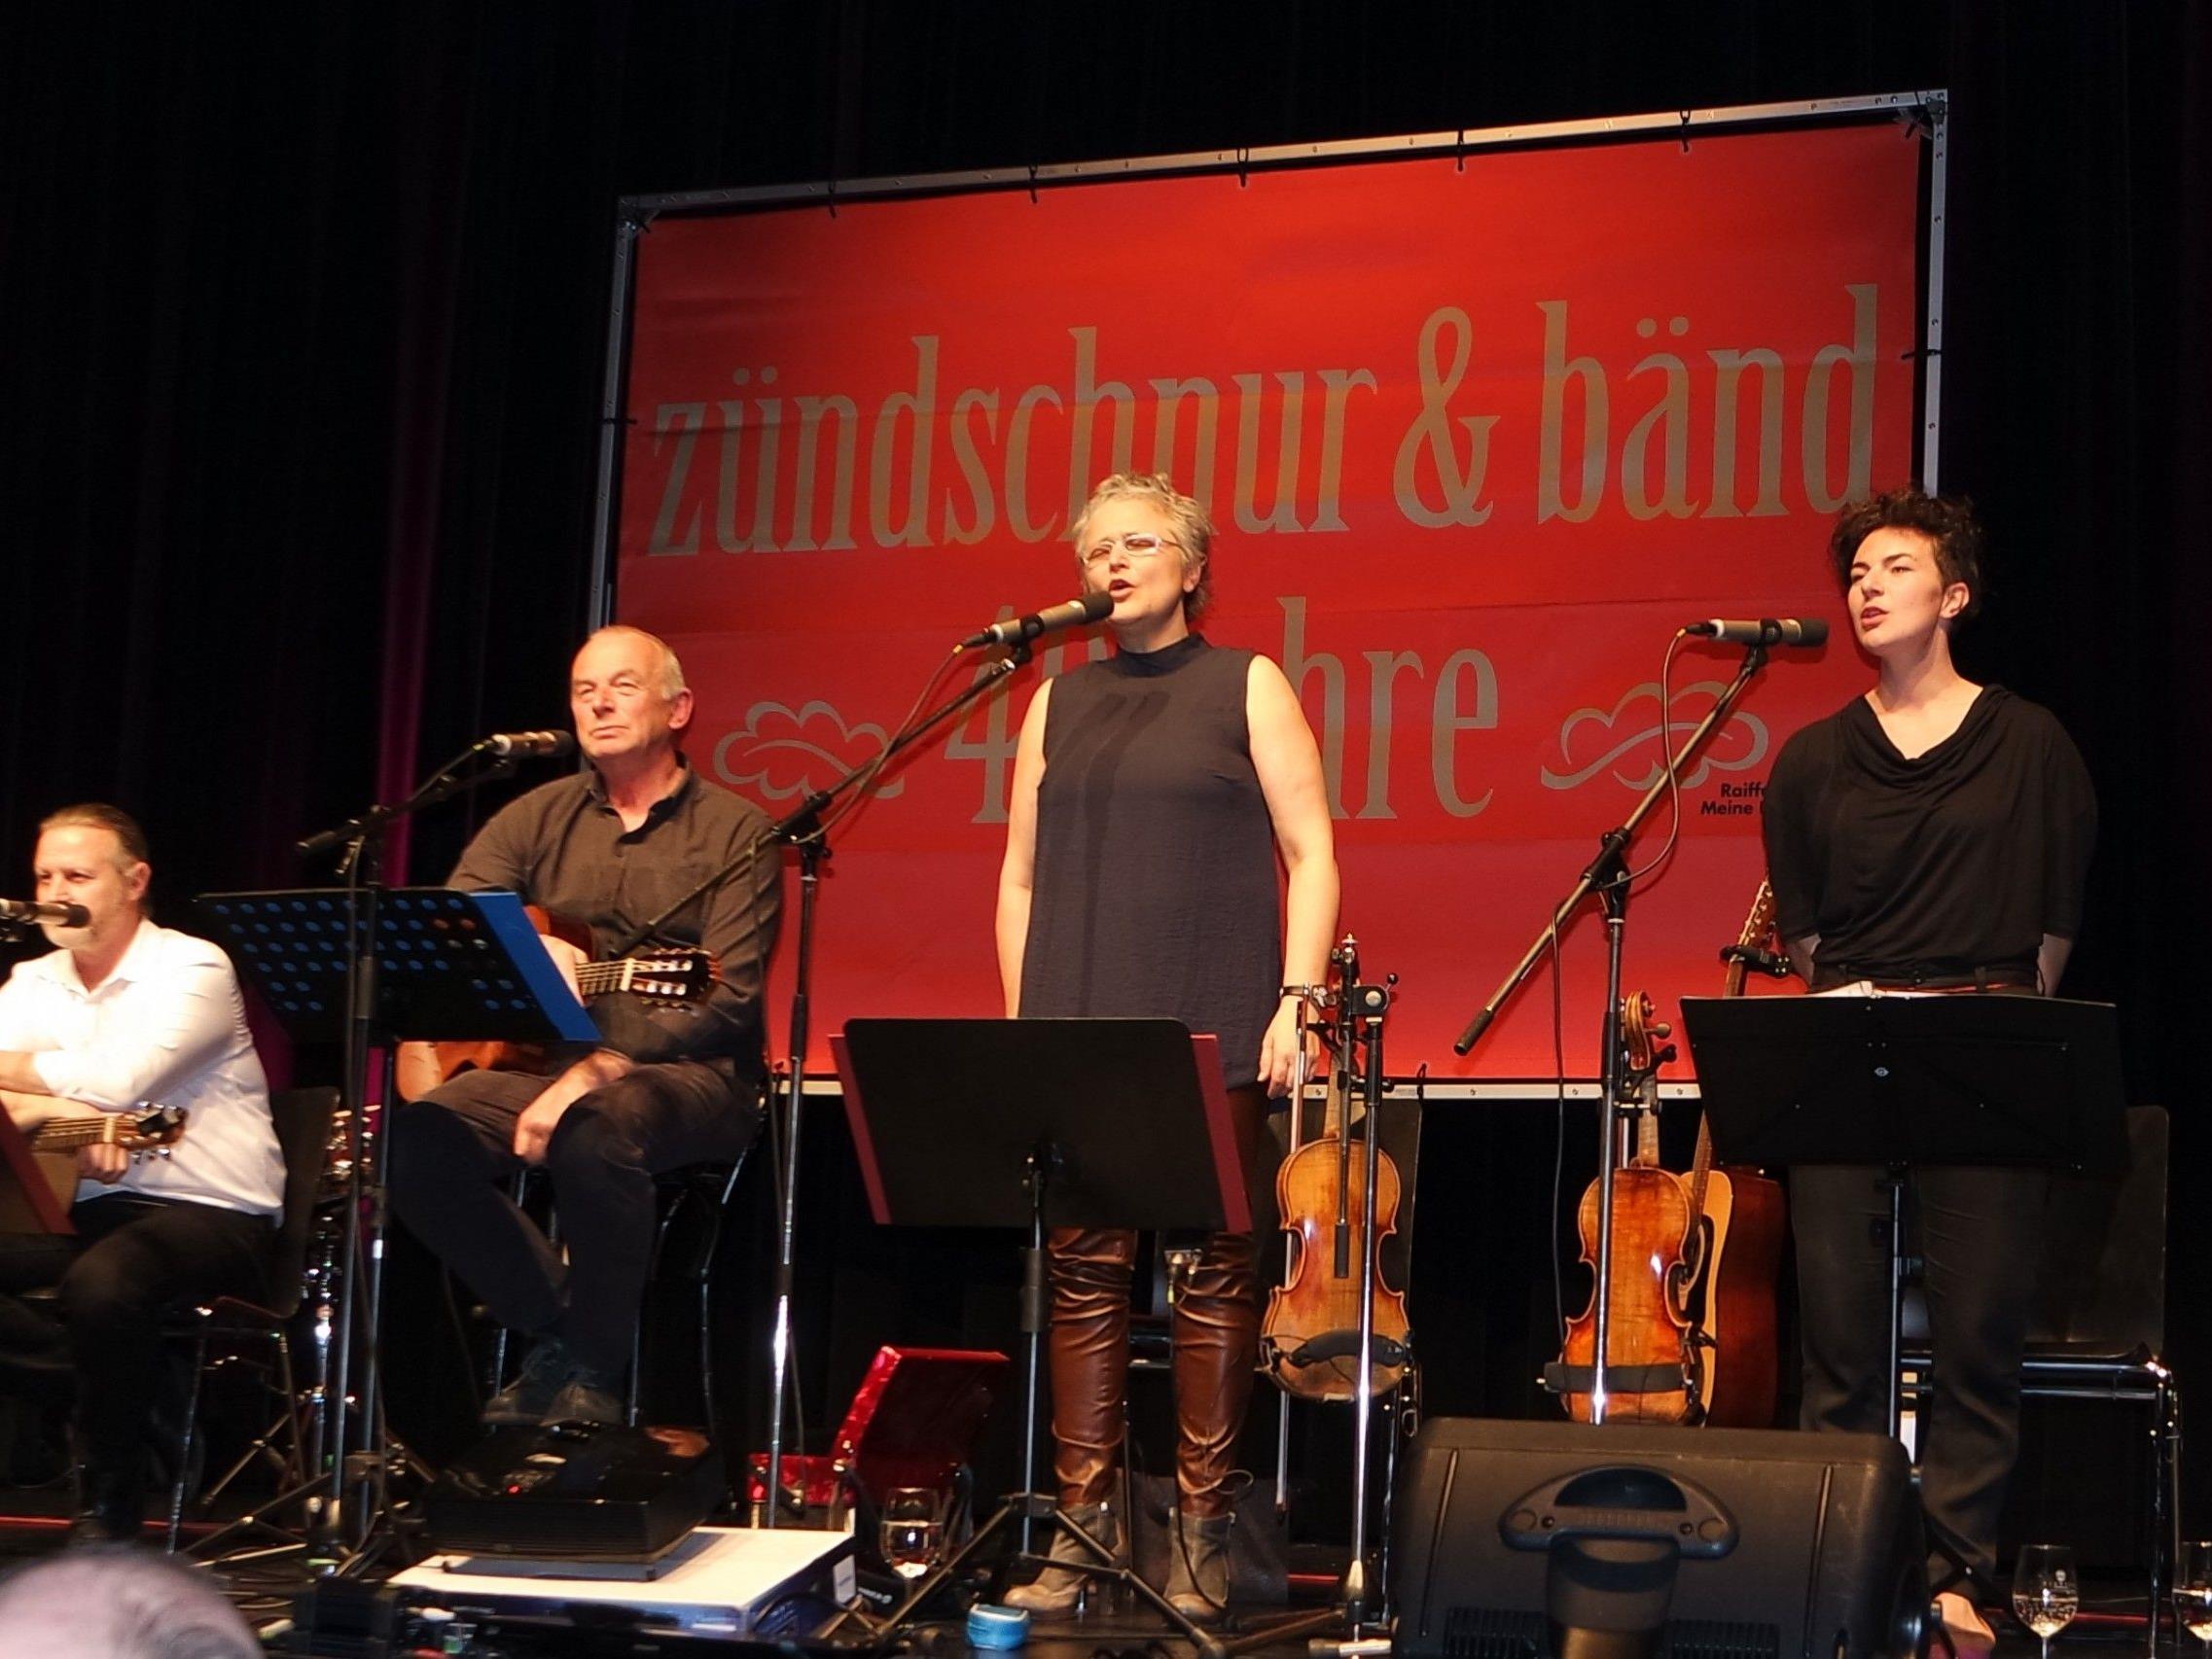 """Die sechs großartigen Musikerinnen und Musiker der aktuellen Wälder """"zündschnur & bänd"""" im Götzner Vereinshaussaal."""